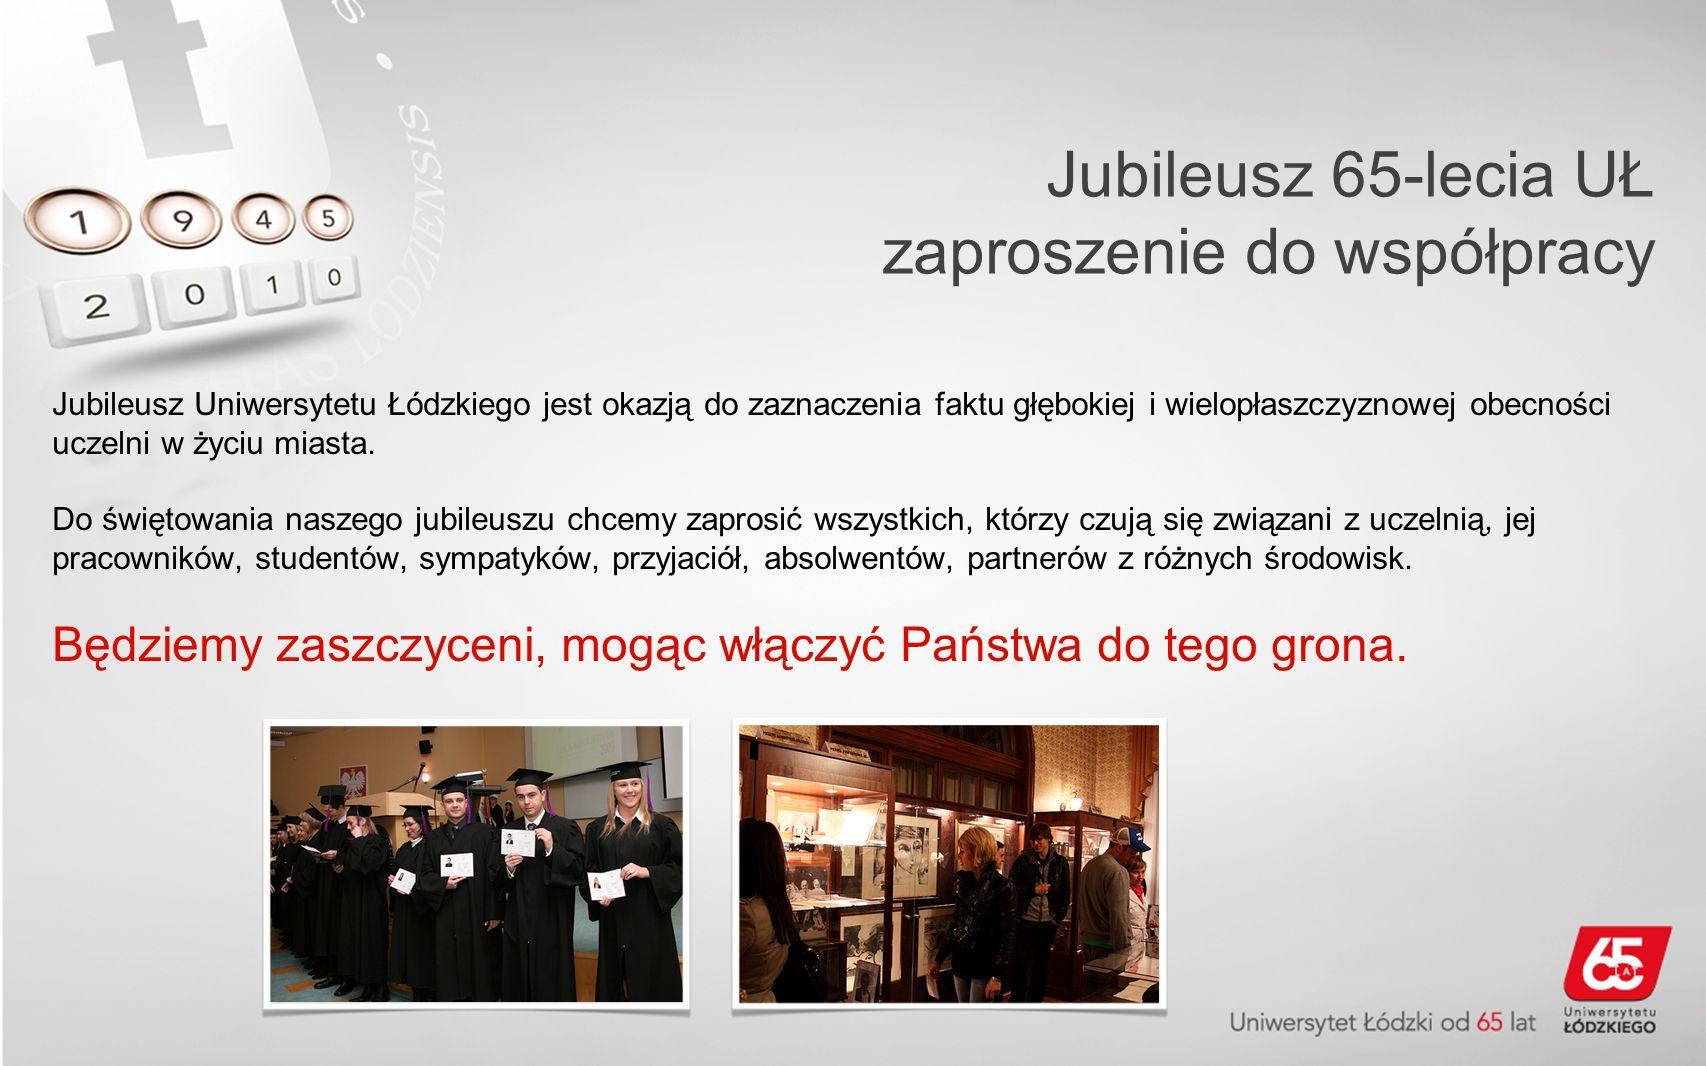 Jubileusz 65-lecia UŁ zaproszenie do współpracy Jubileusz Uniwersytetu Łódzkiego jest okazją do zaznaczenia faktu głębokiej i wielopłaszczyznowej obecności uczelni w życiu miasta.